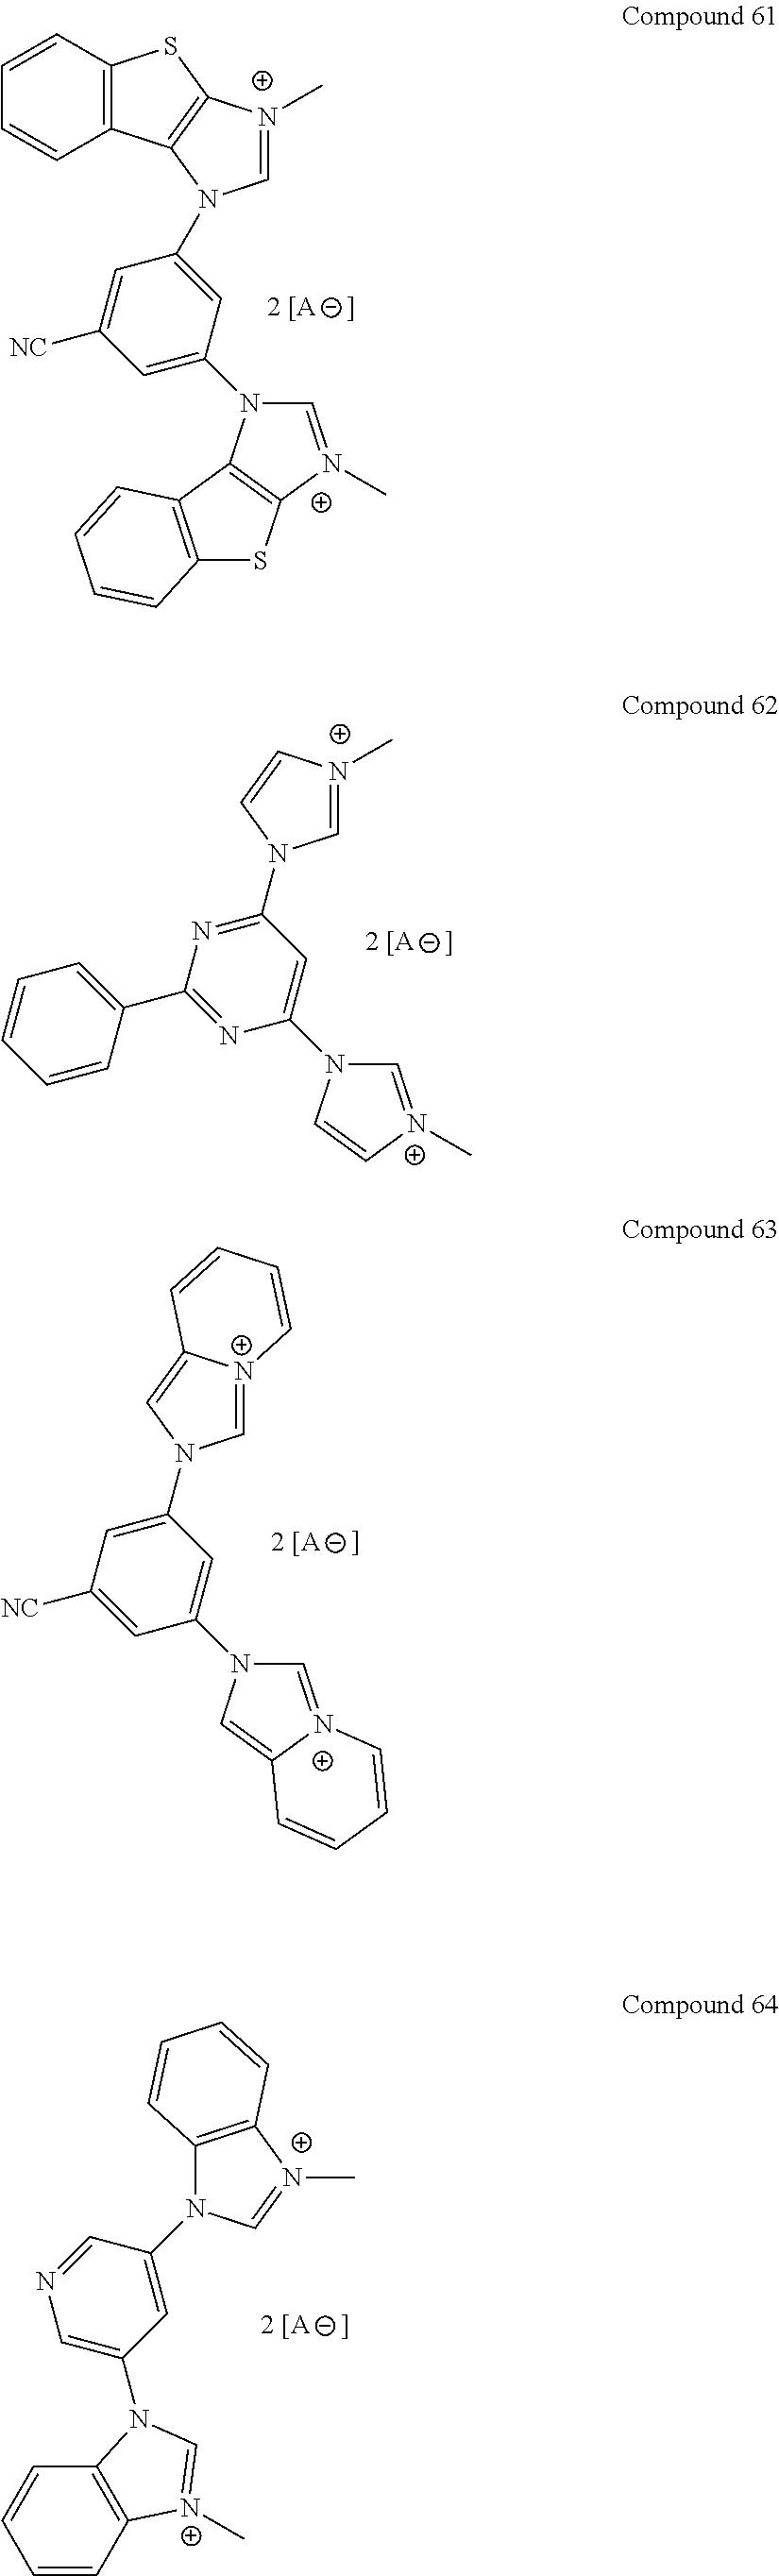 Figure US08563737-20131022-C00021